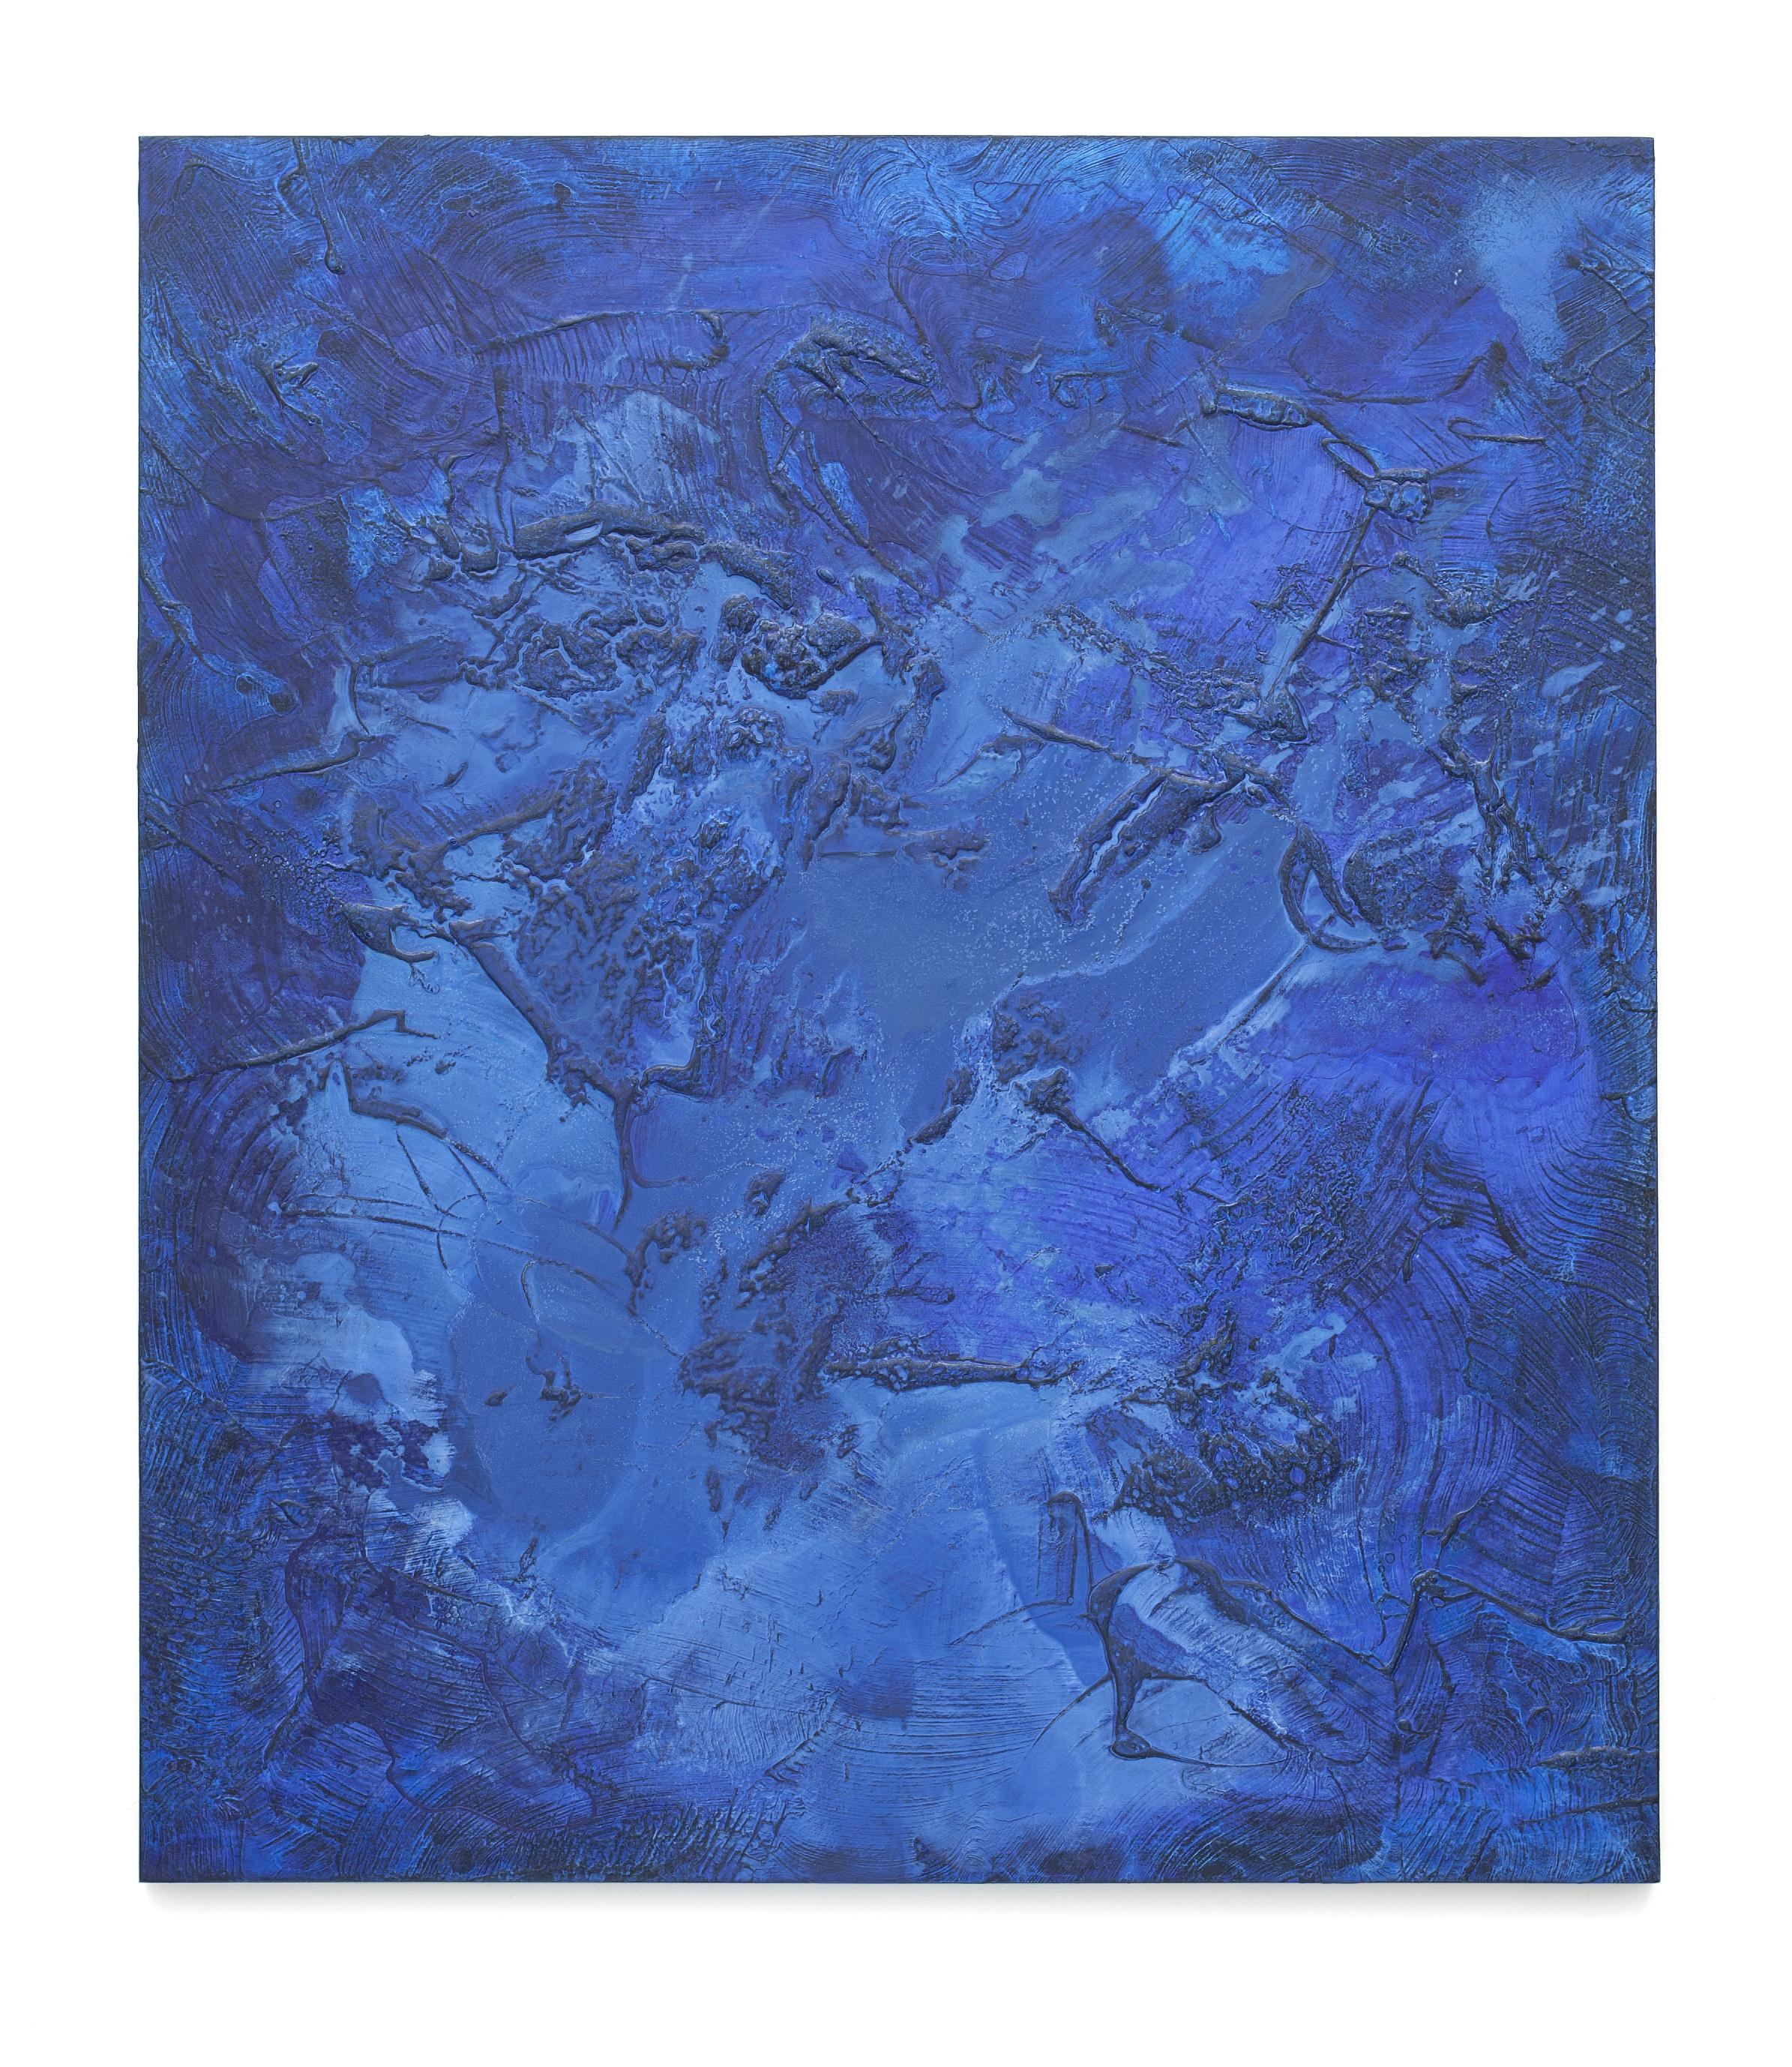 """Untitled (Can't Swim 19), 2018 - 19, Acrylic on archival foam board, 46 1/8"""" x 40 1/8"""""""